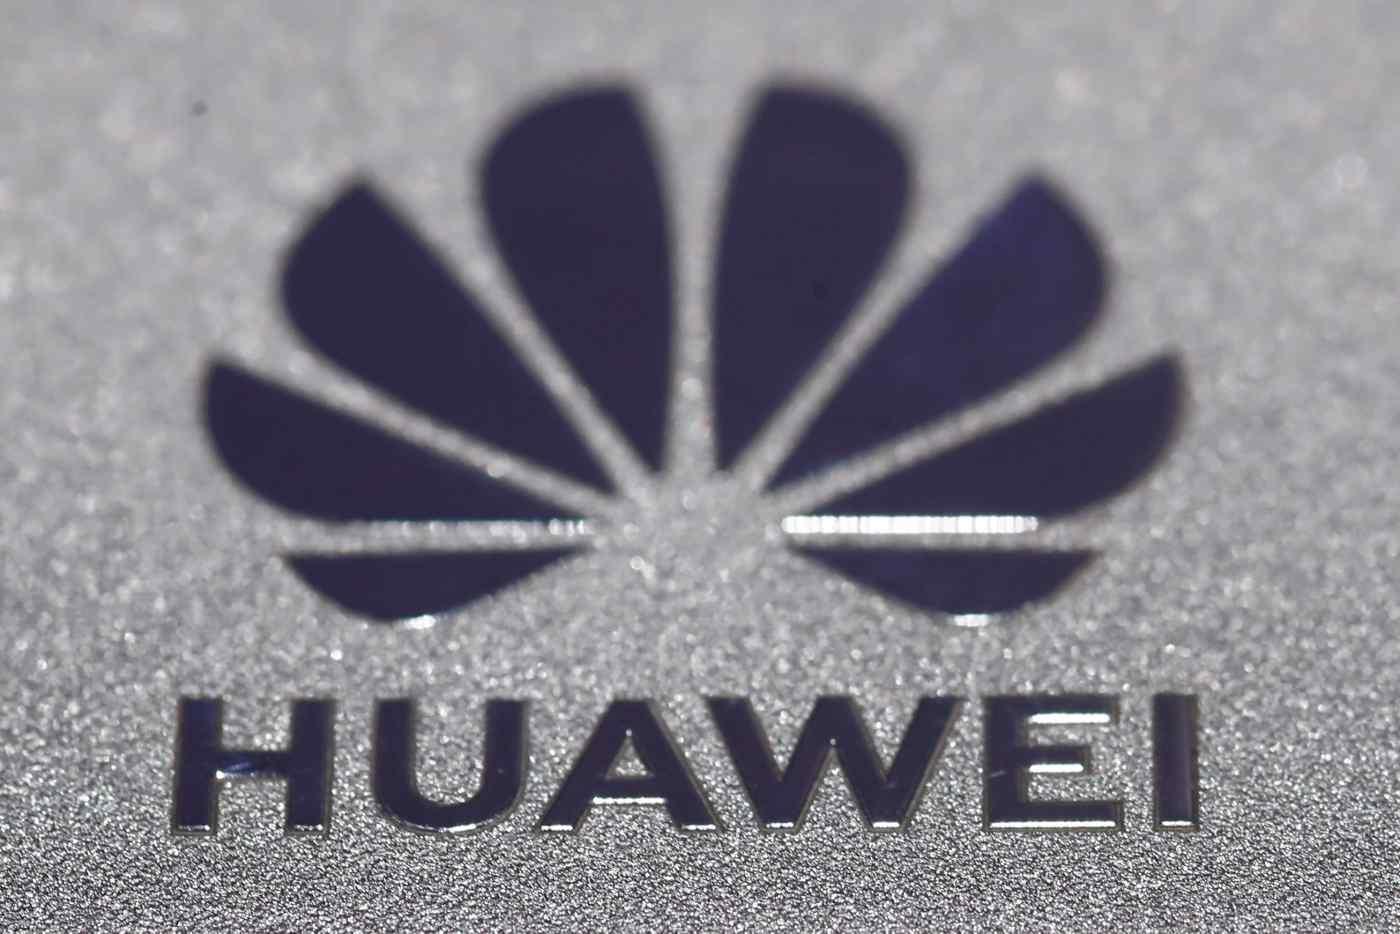 Logo Huawei được nhìn thấy trong Triển lãm ô tô Munich, IAA Mobility 2021 ở Munich, Đức, ngày 8 tháng 9. © Reuters